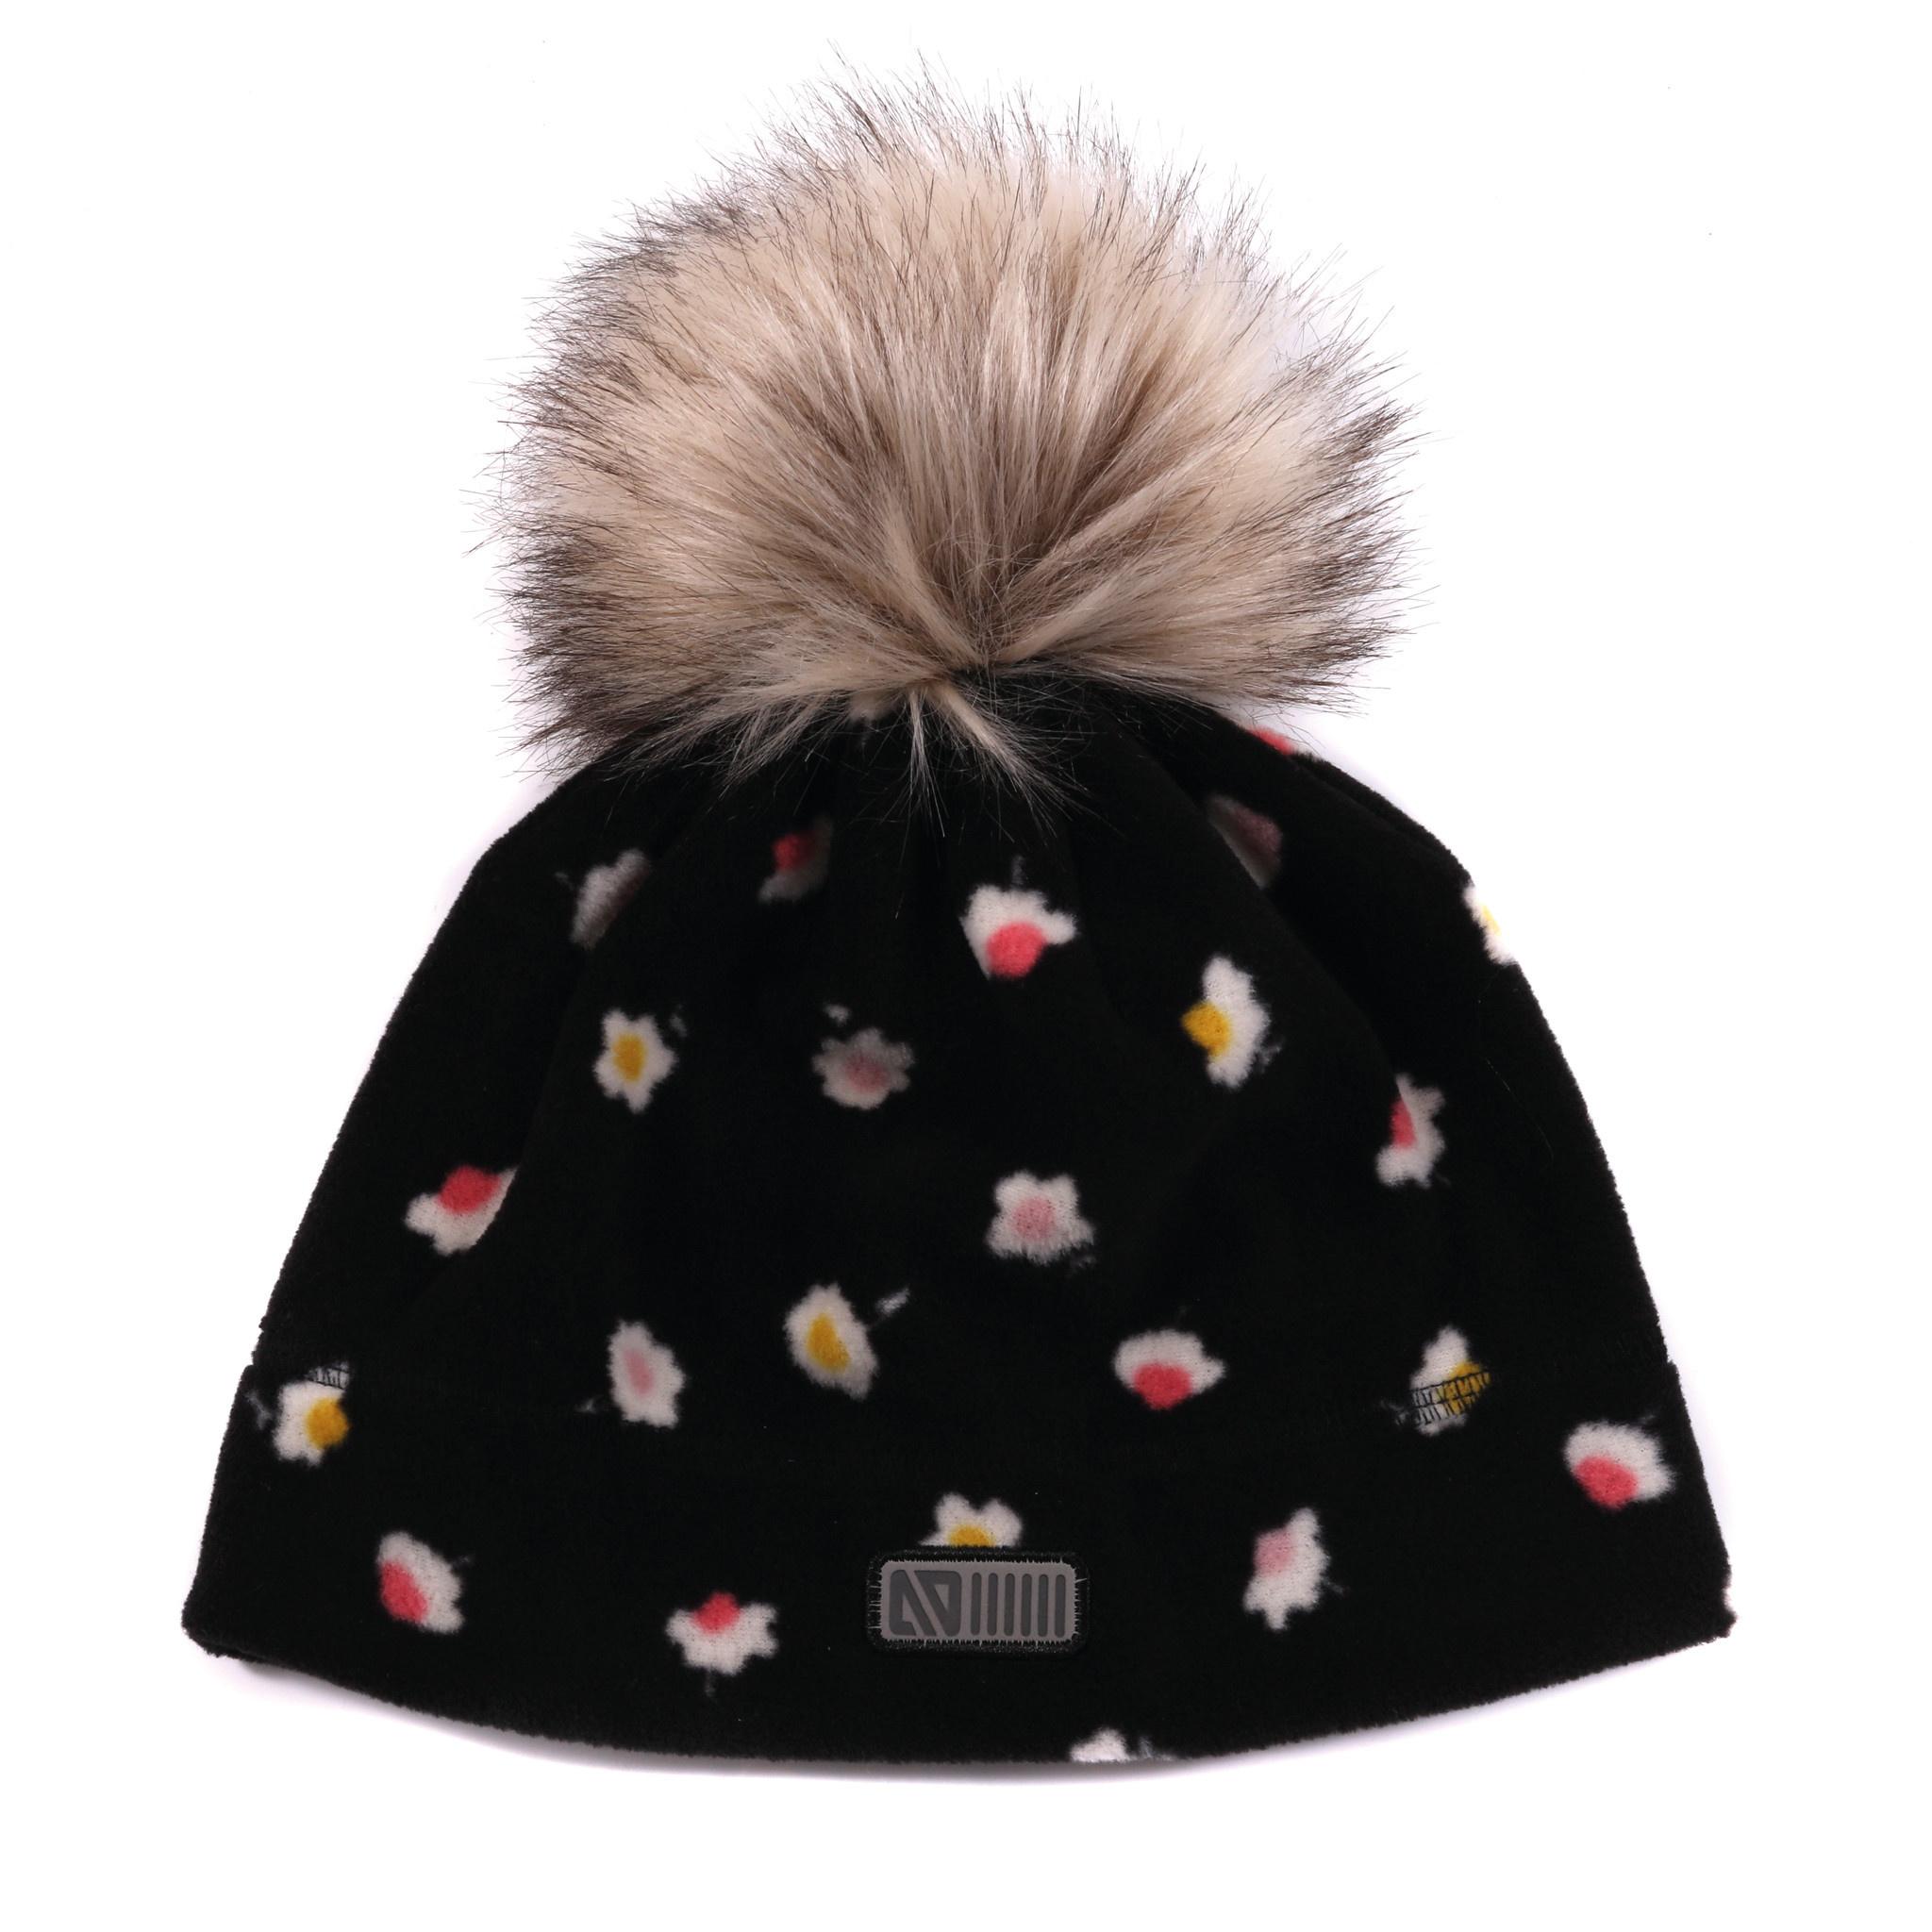 Tuque en polar avec oreilles Noire Fleurs-1